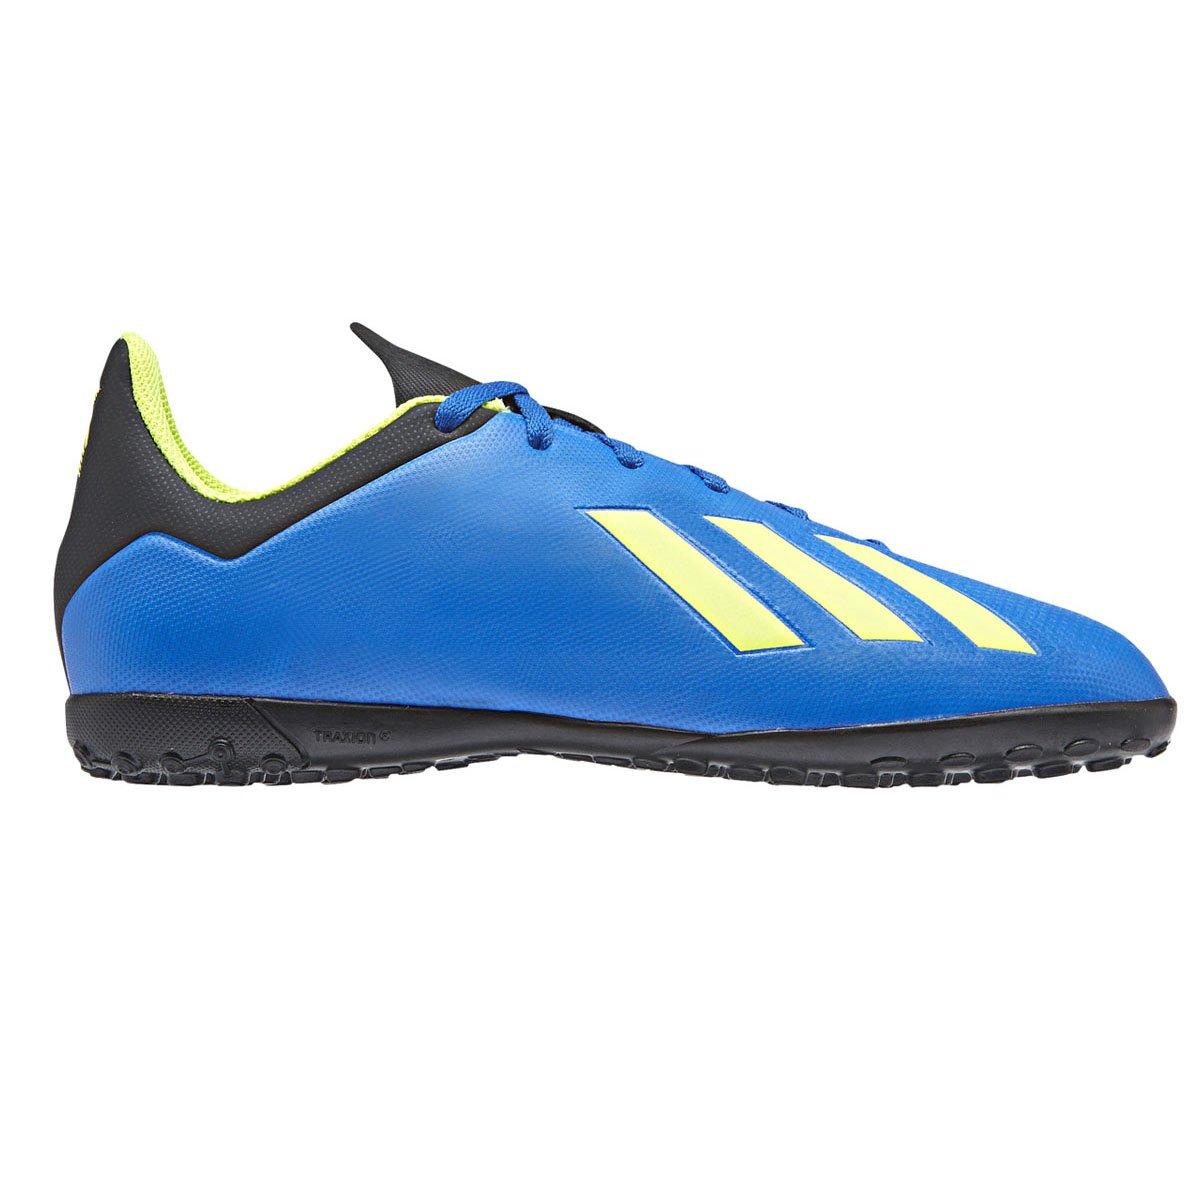 38d72a62d5c Me 18 Calzado Soccer Infantil com Adidas Sears mx Tango X 4 ttvrq in ...